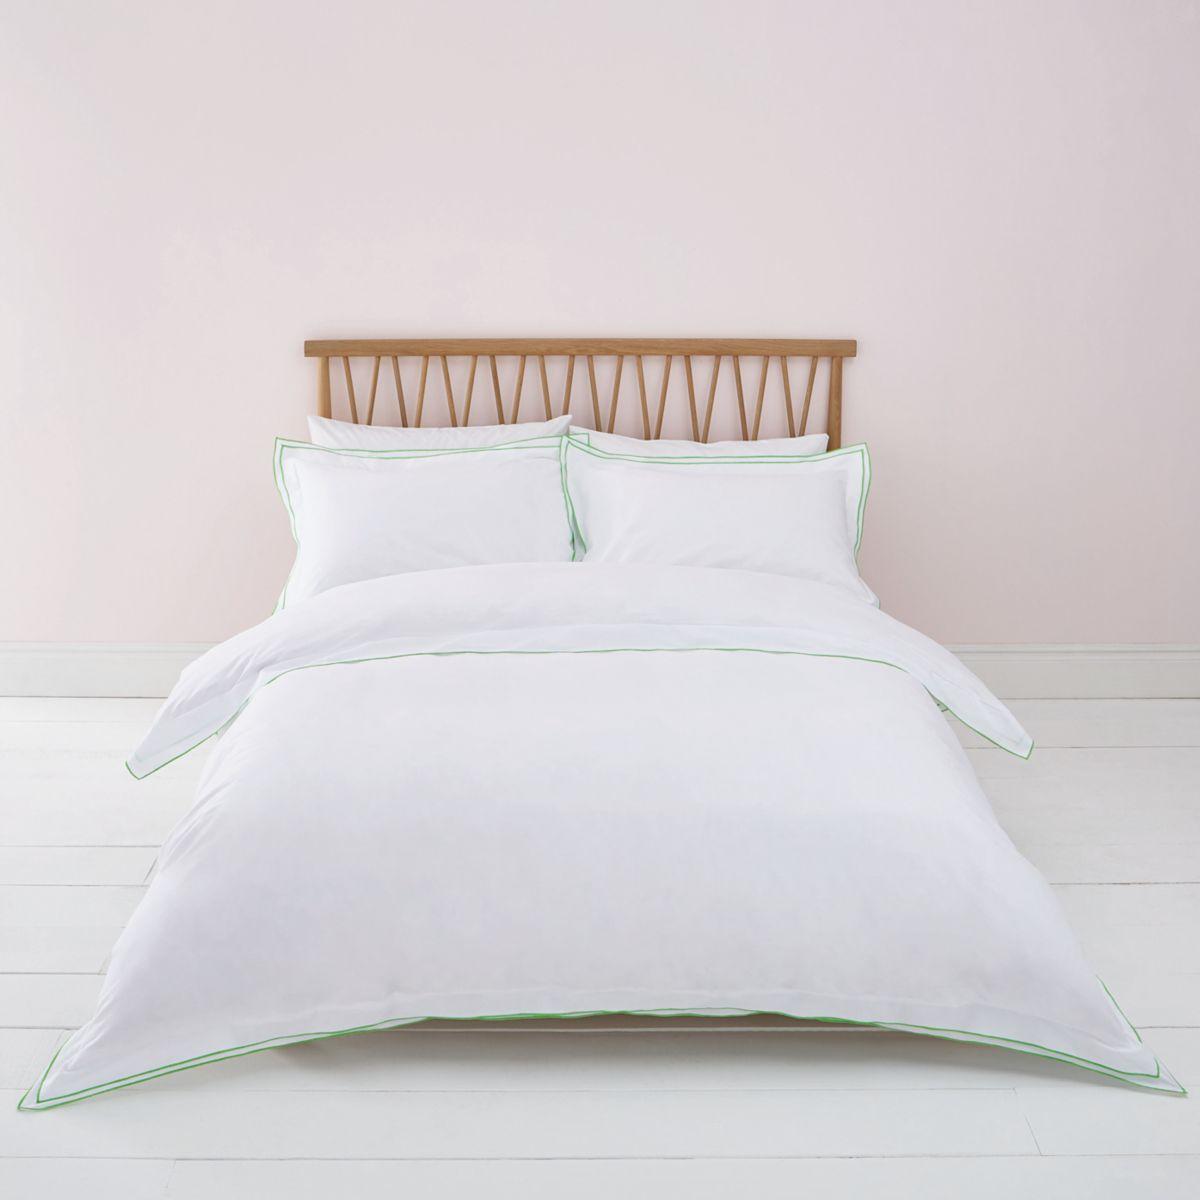 White green border superking duvet bed set